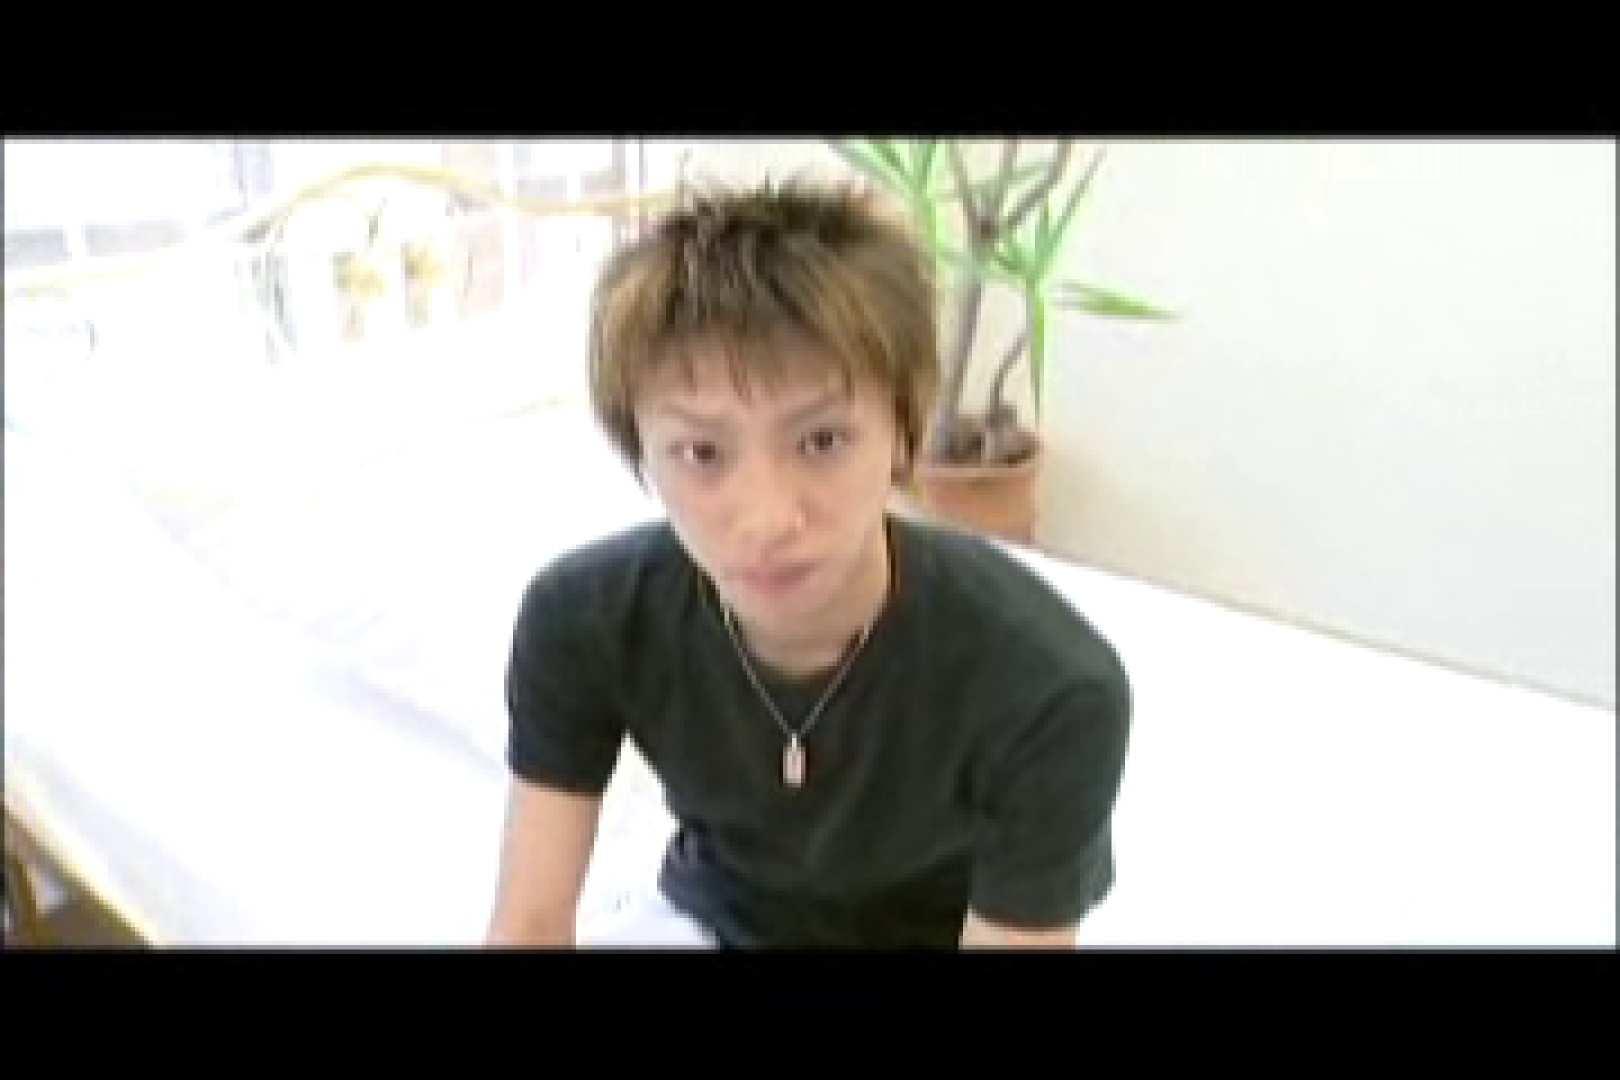 イケメン☆パラダイス〜男ざかりの君たちへ〜vol.16 ケツマン ゲイエロビデオ画像 79枚 2